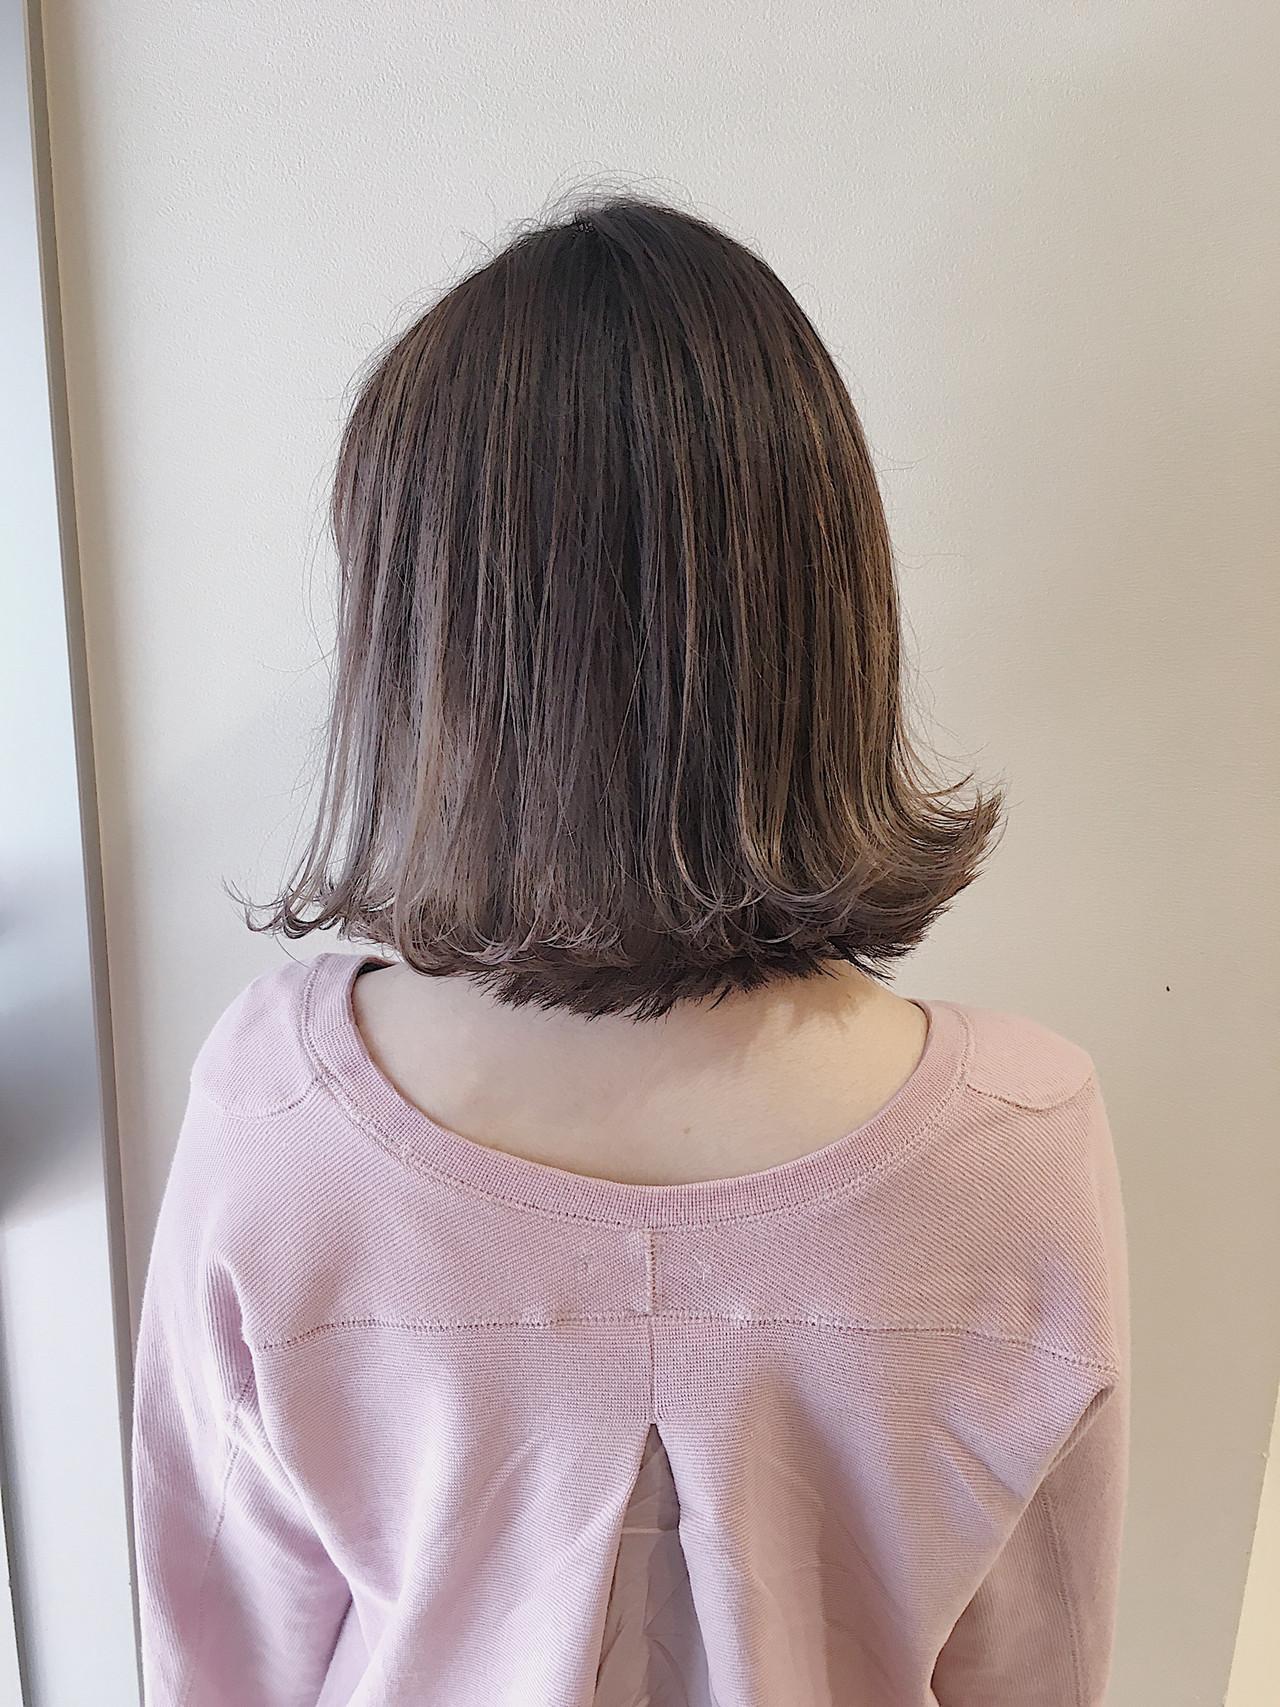 ボブ 3Dハイライト コントラストハイライト ナチュラル ヘアスタイルや髪型の写真・画像   《町田の美容師》キタダヒロキ / Hair Frais Make